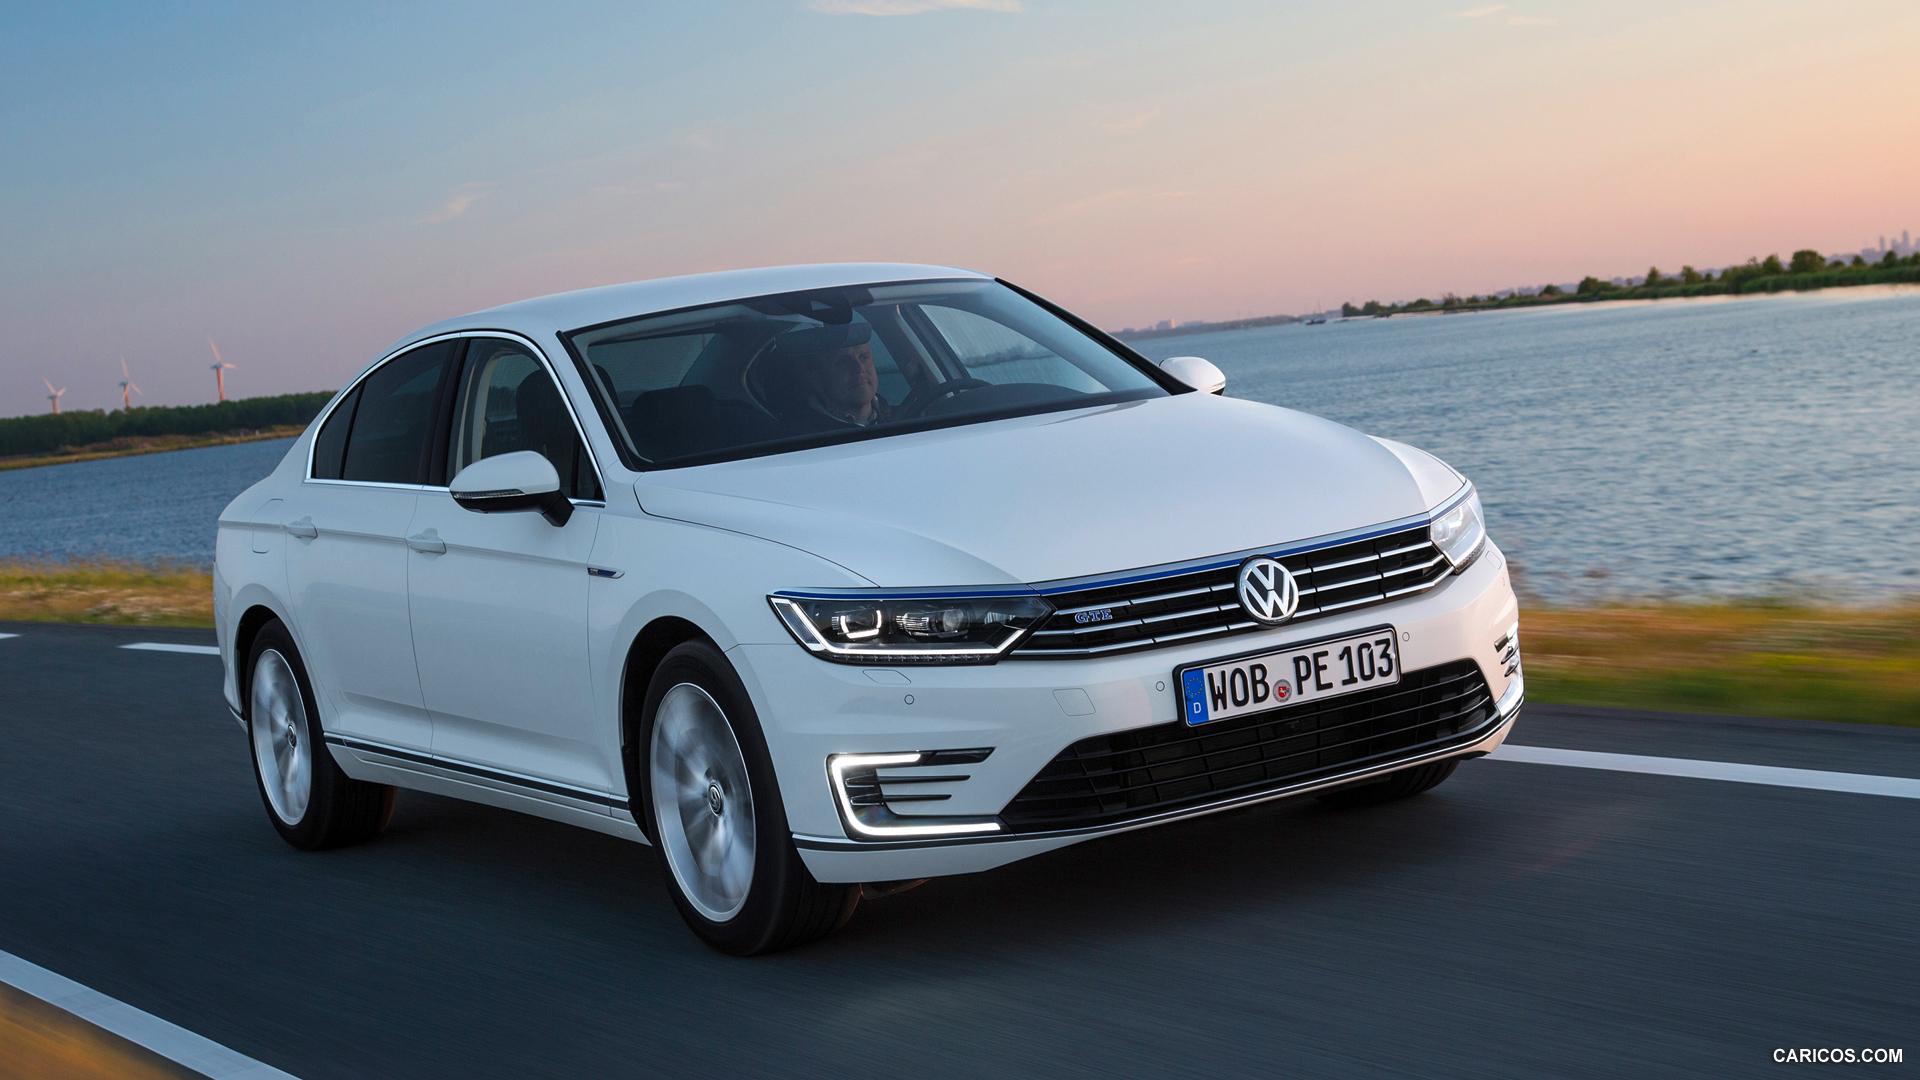 Beste laadpaal voor Volkswagen Passat GTE Variant?